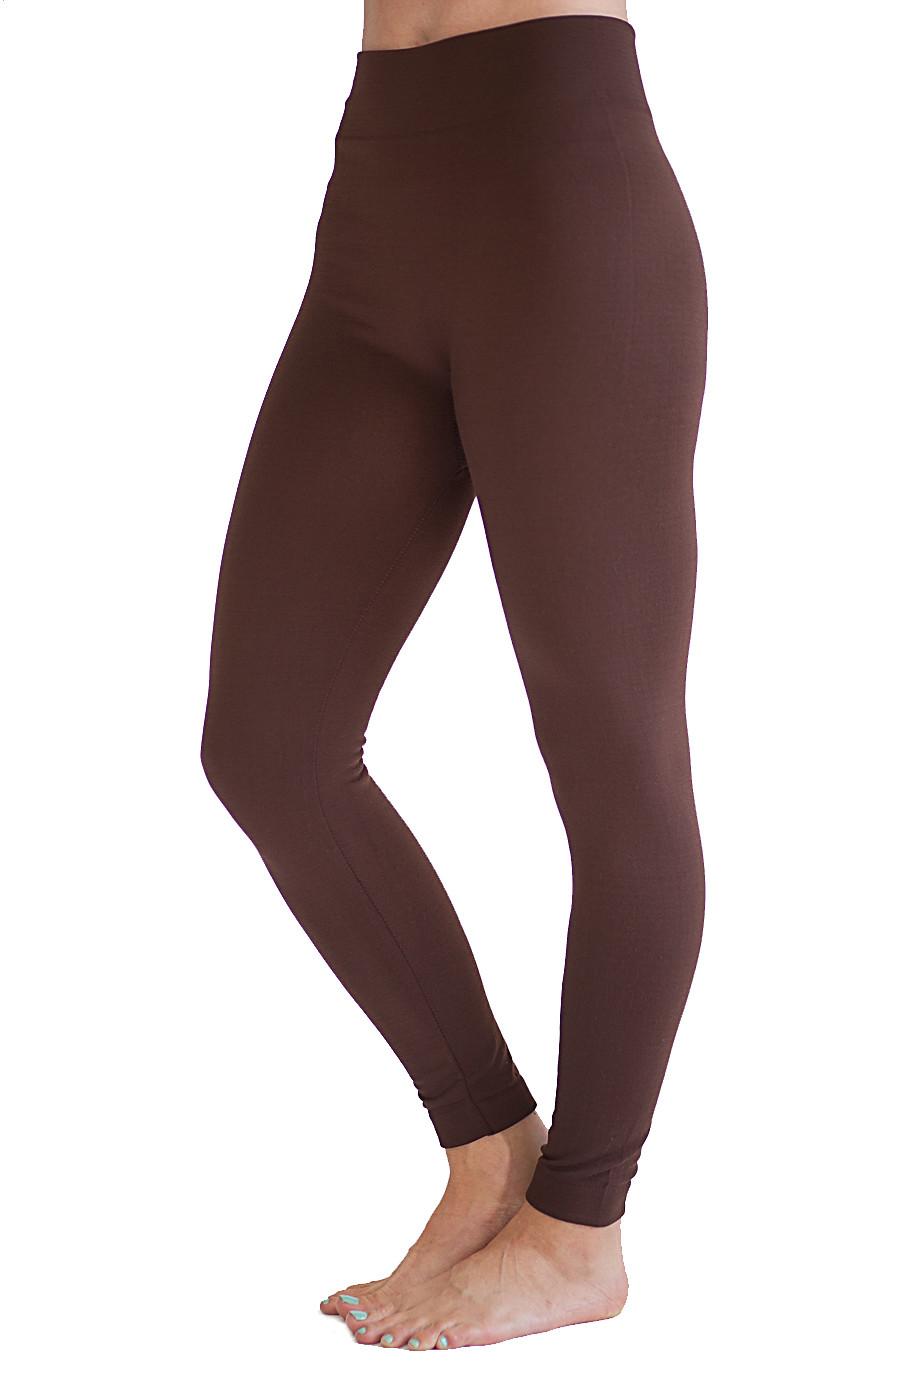 brown leggings sderrku